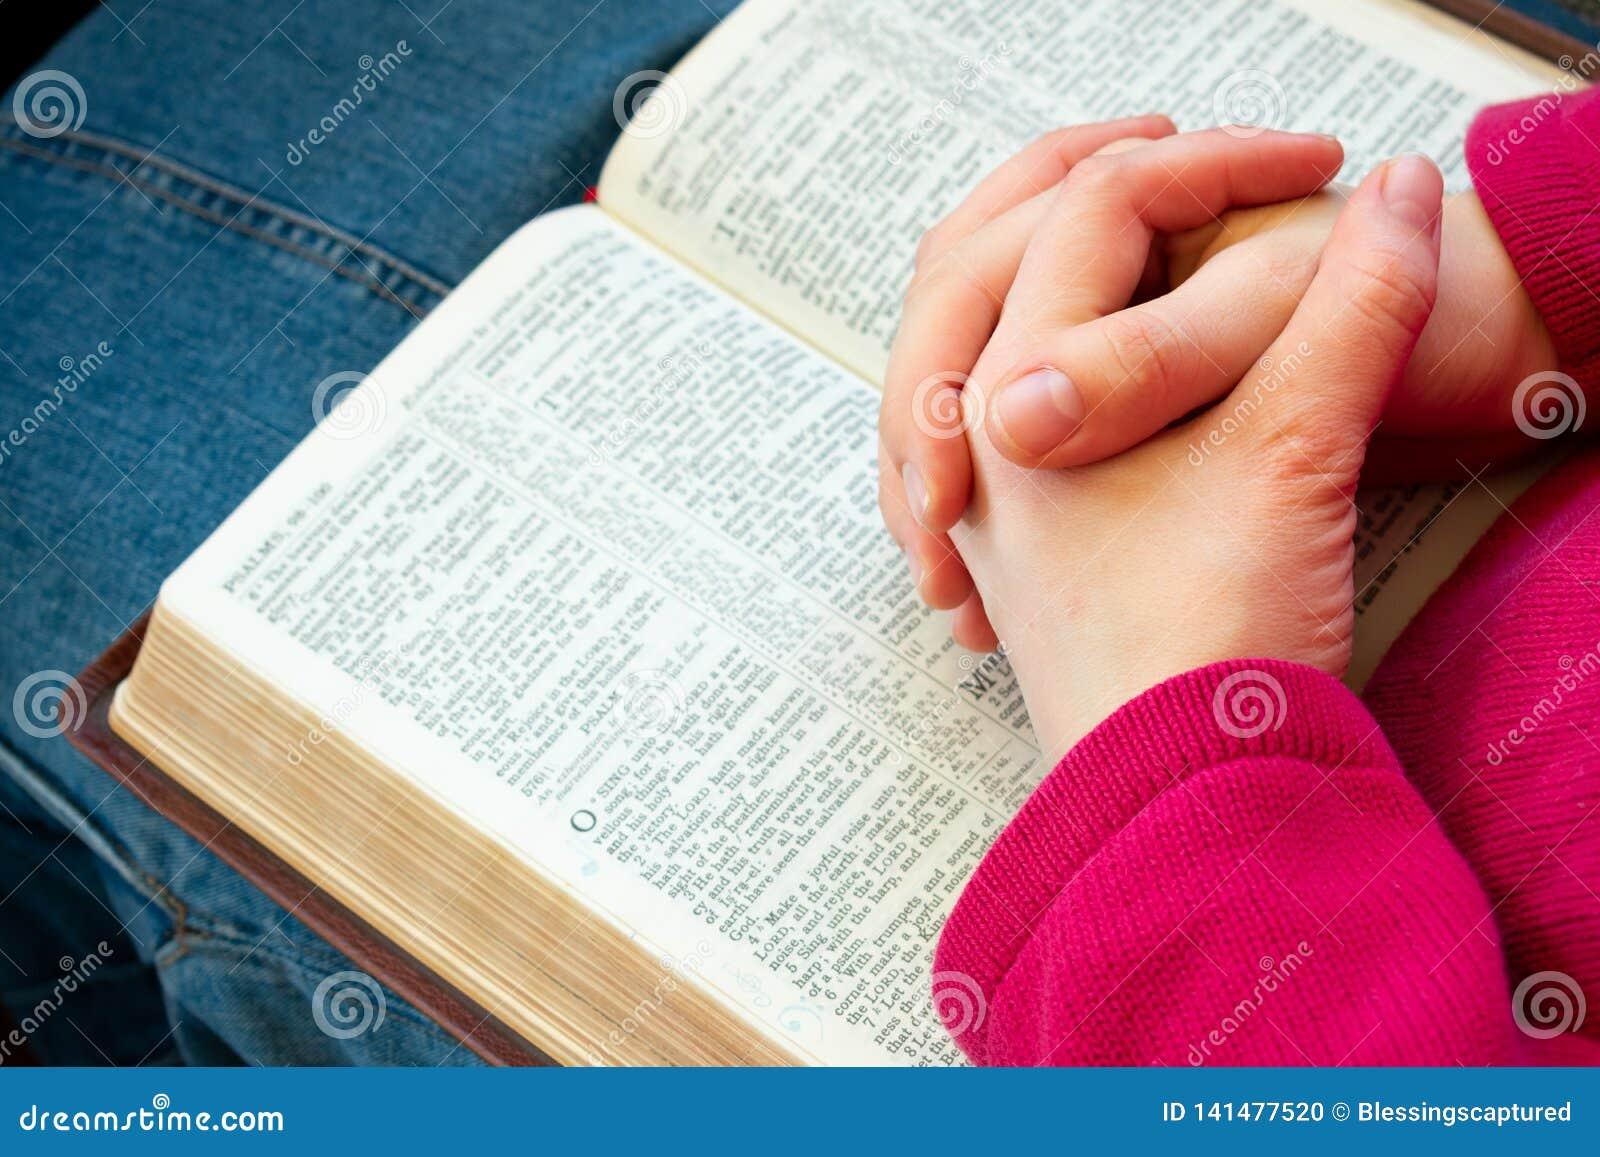 Rezando e lendo a Bíblia foto de stock. Imagem de saia - 141477520